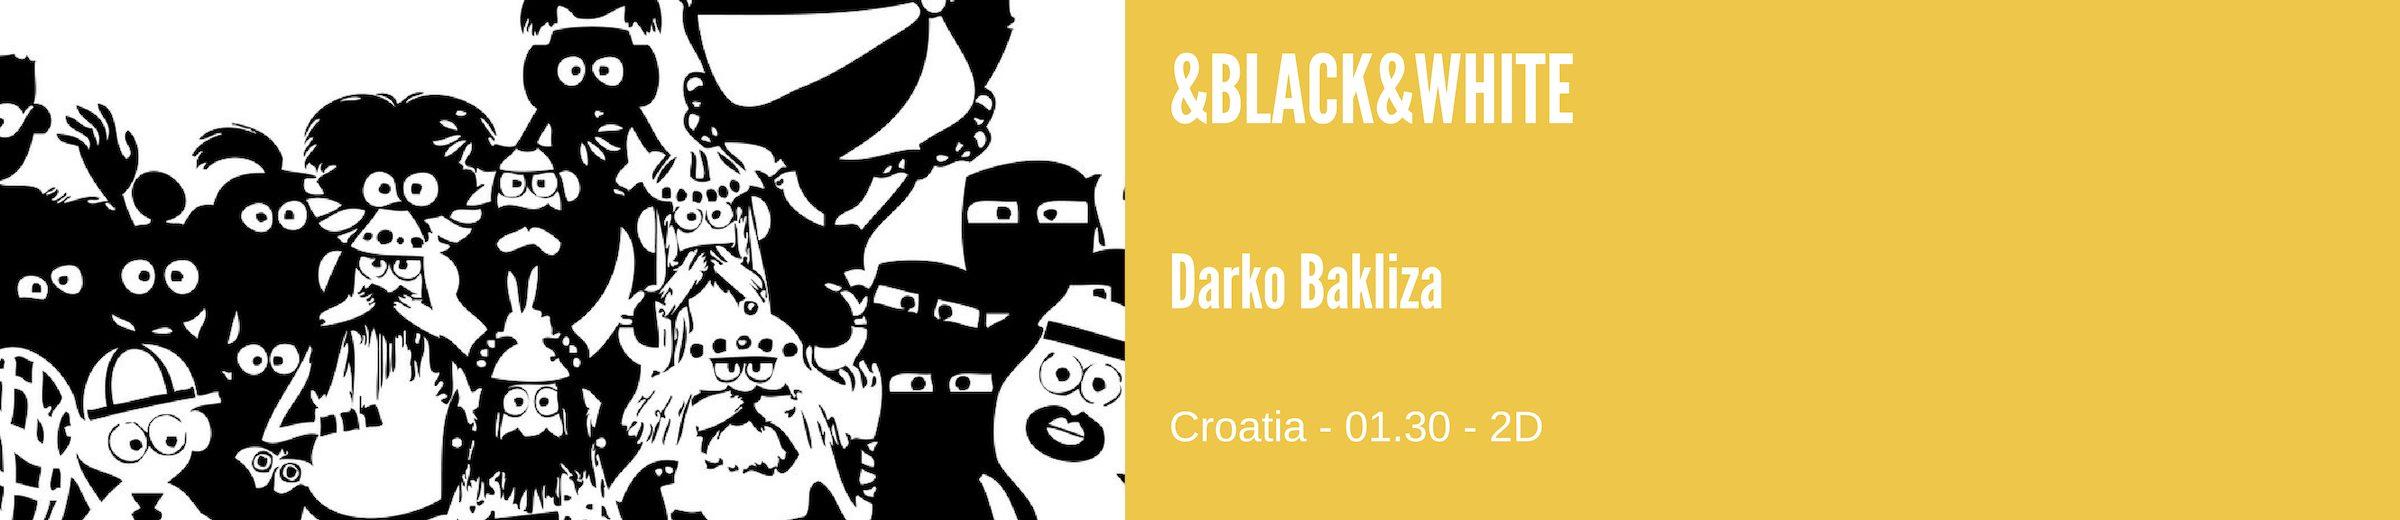 &BLACK